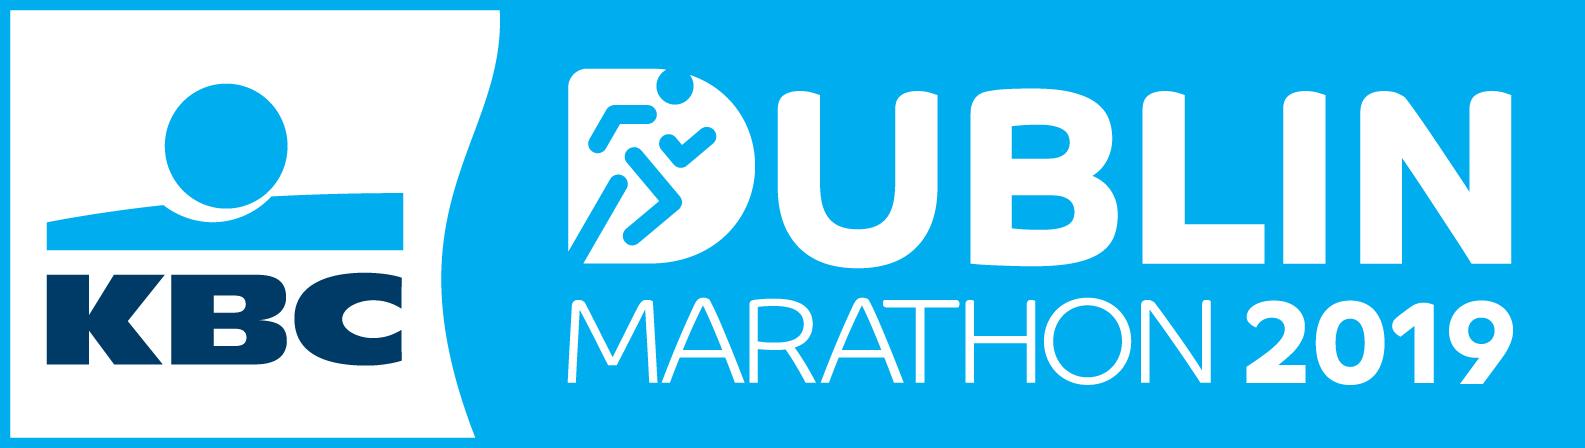 KBC Dublin Marathon 2019